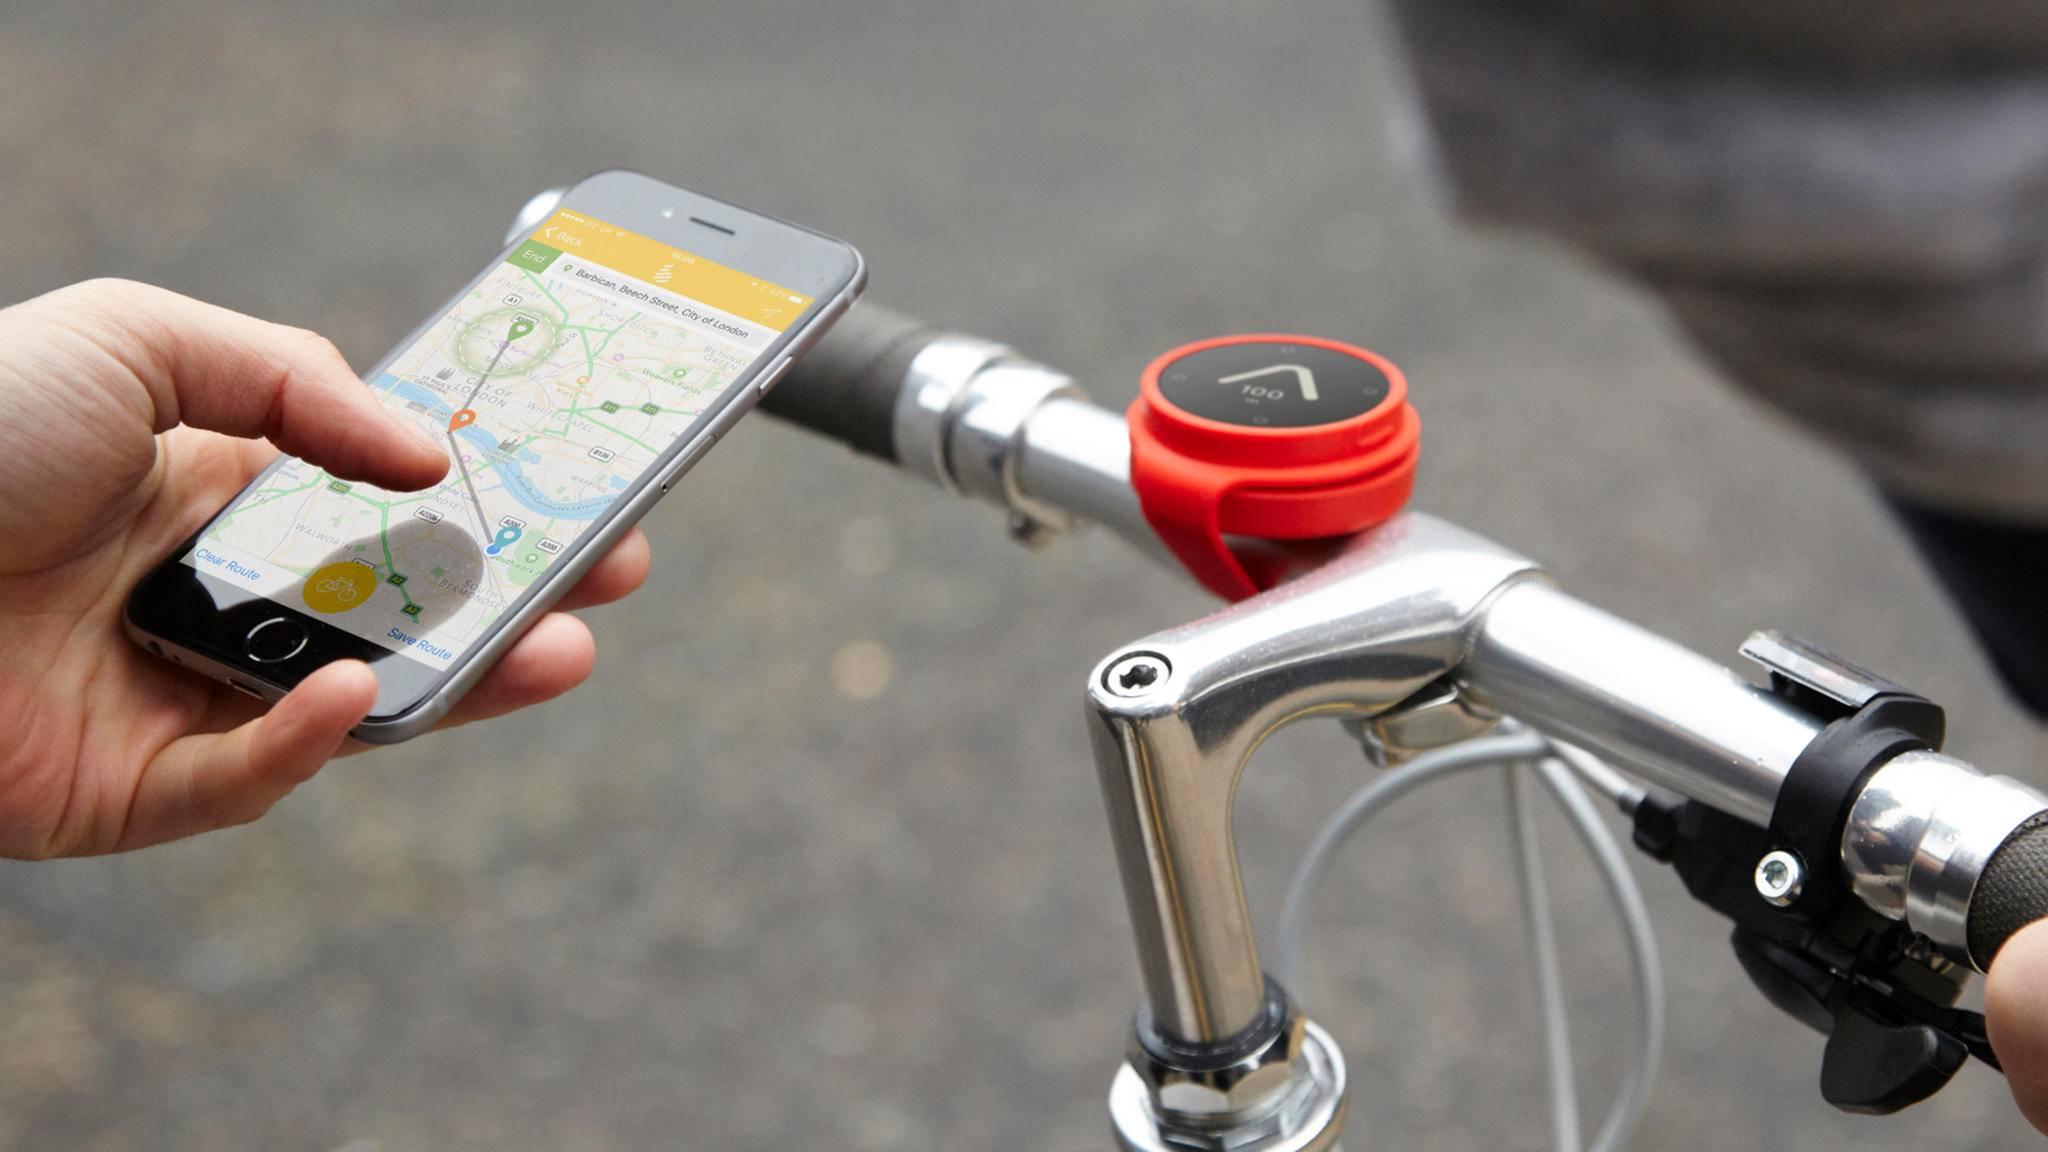 Besser als ein herkömmliches Navi? Der Beeline-Fahrradkompass.